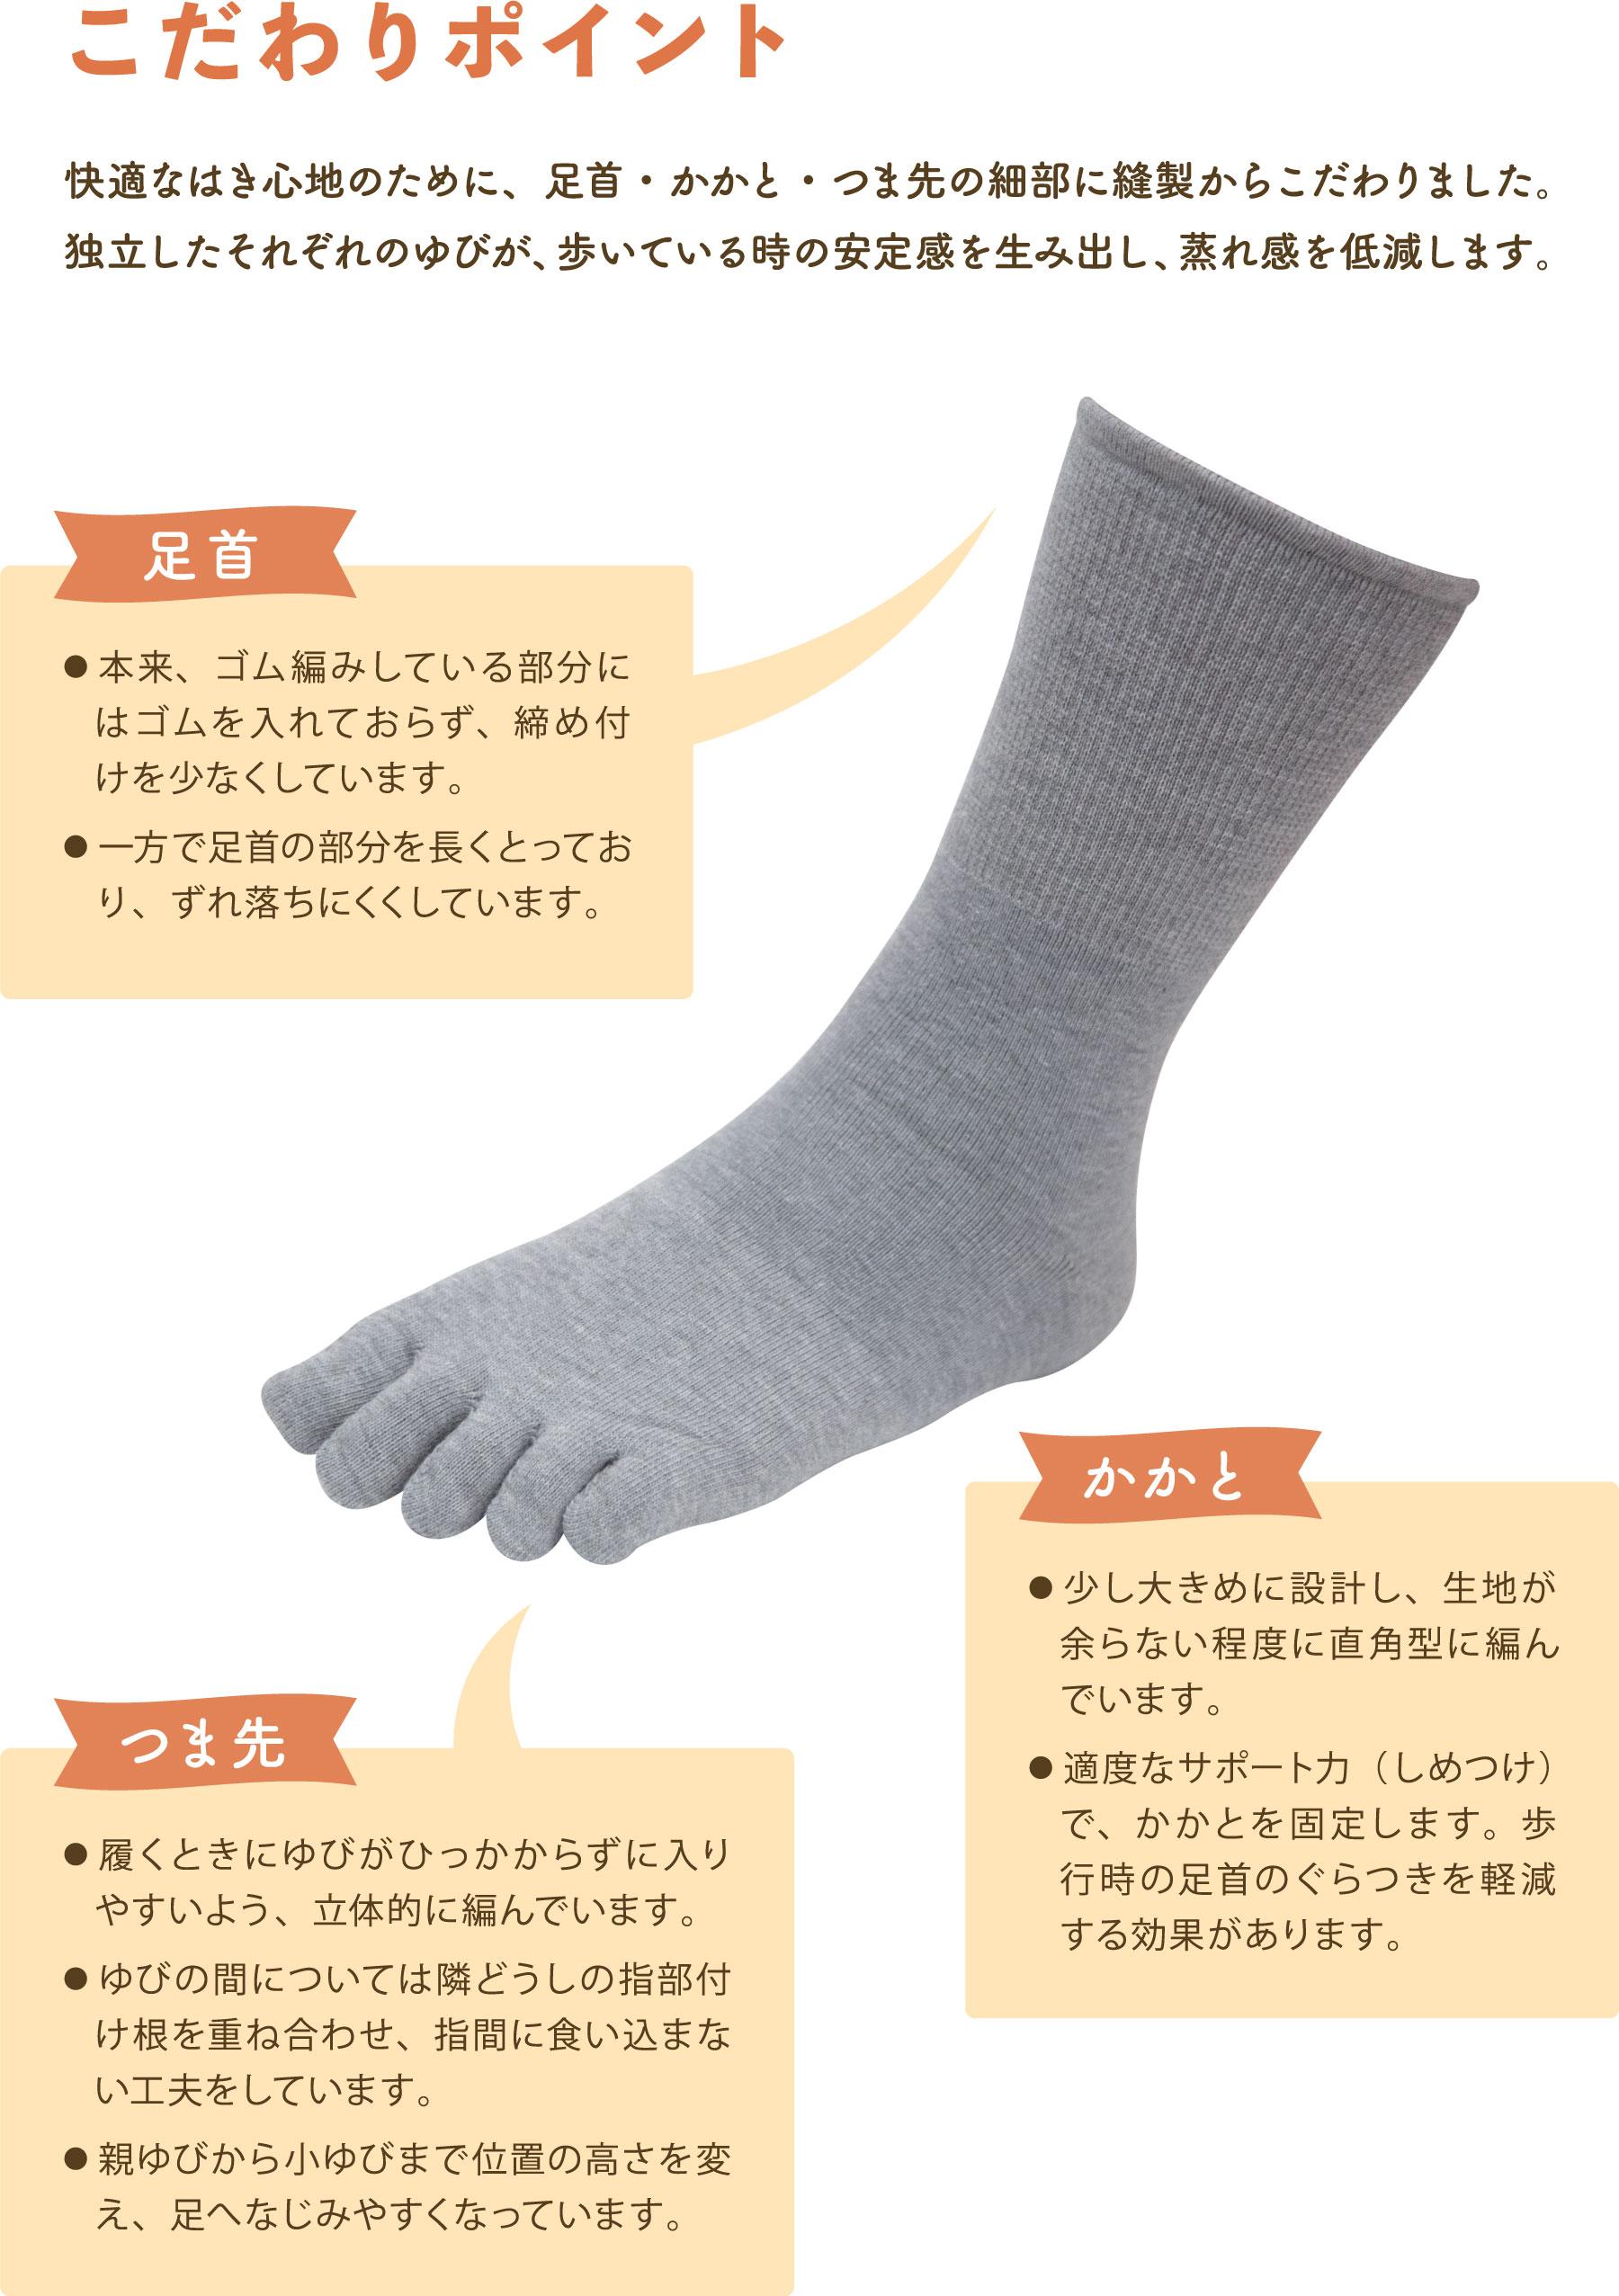 kodawari-image